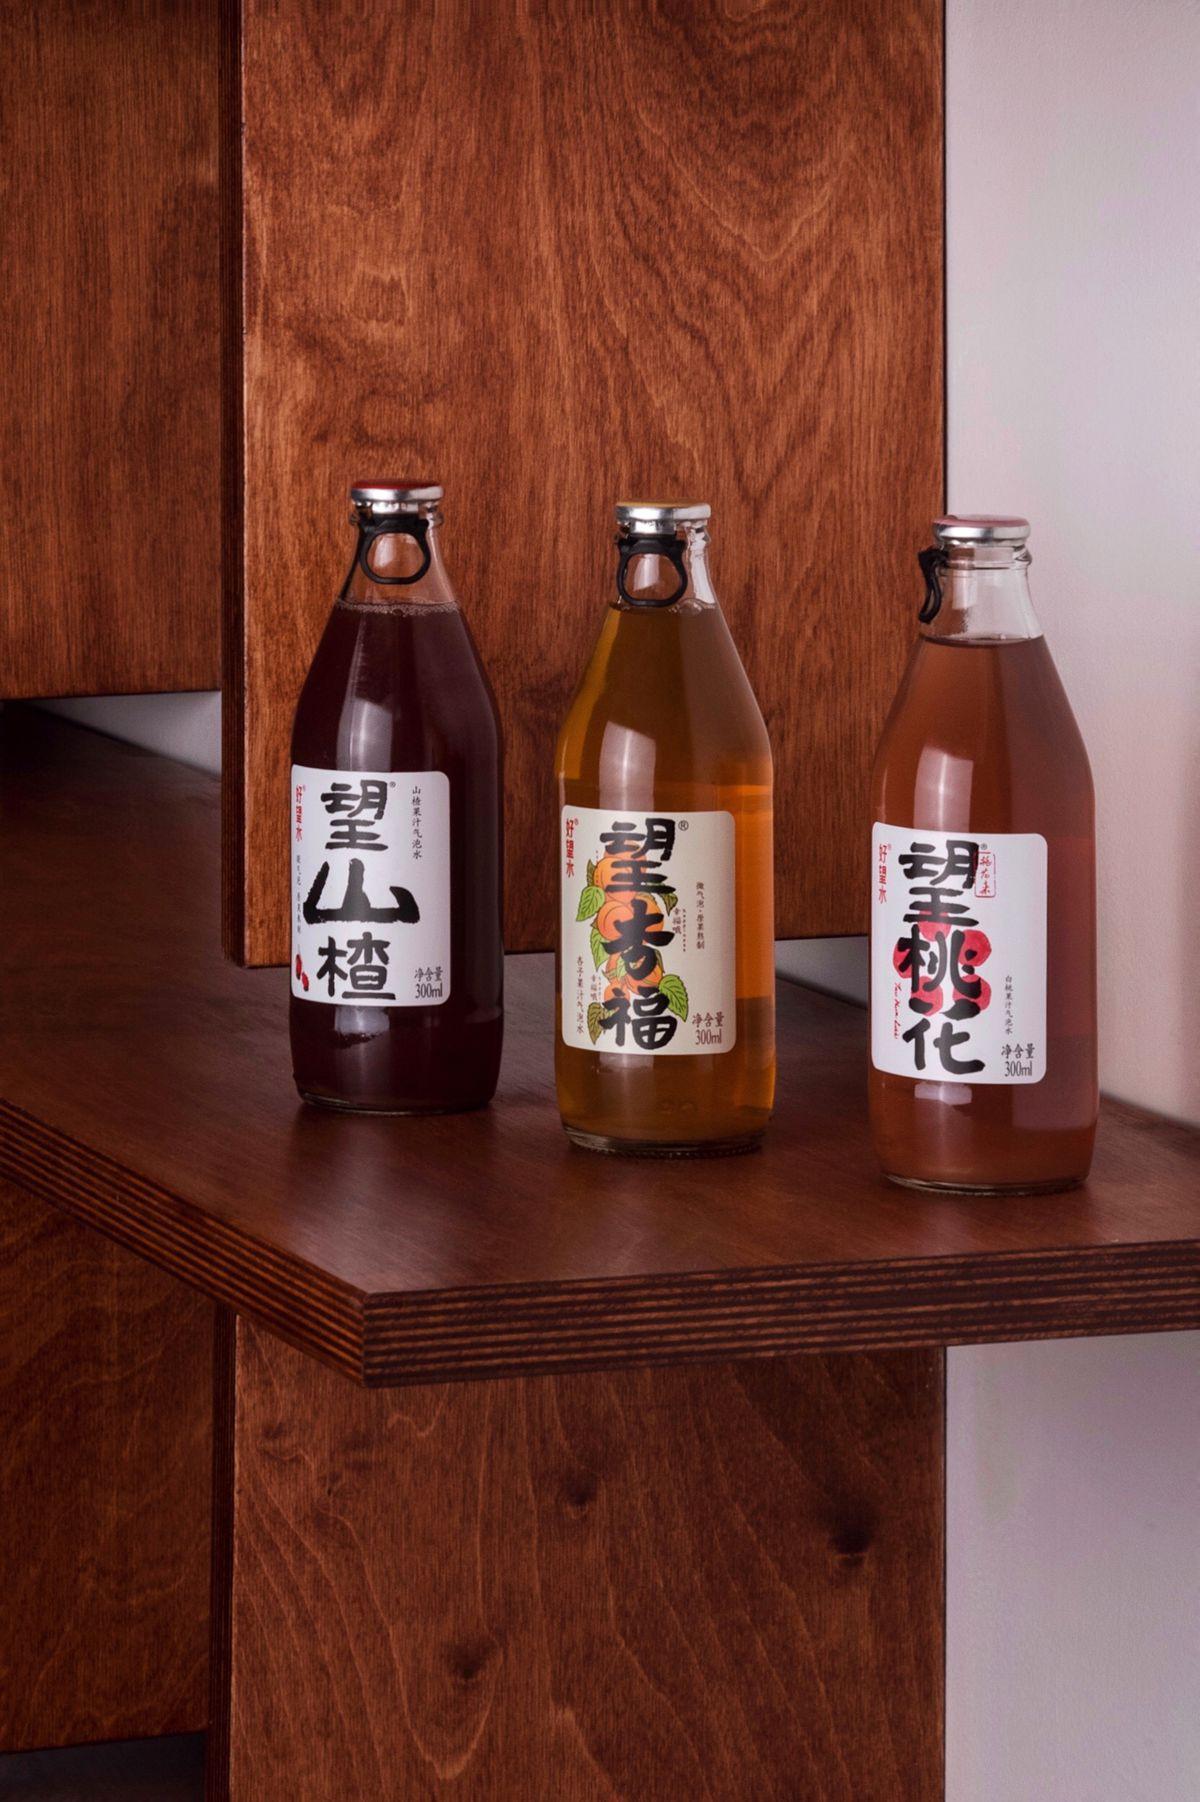 three glass bottles of soda